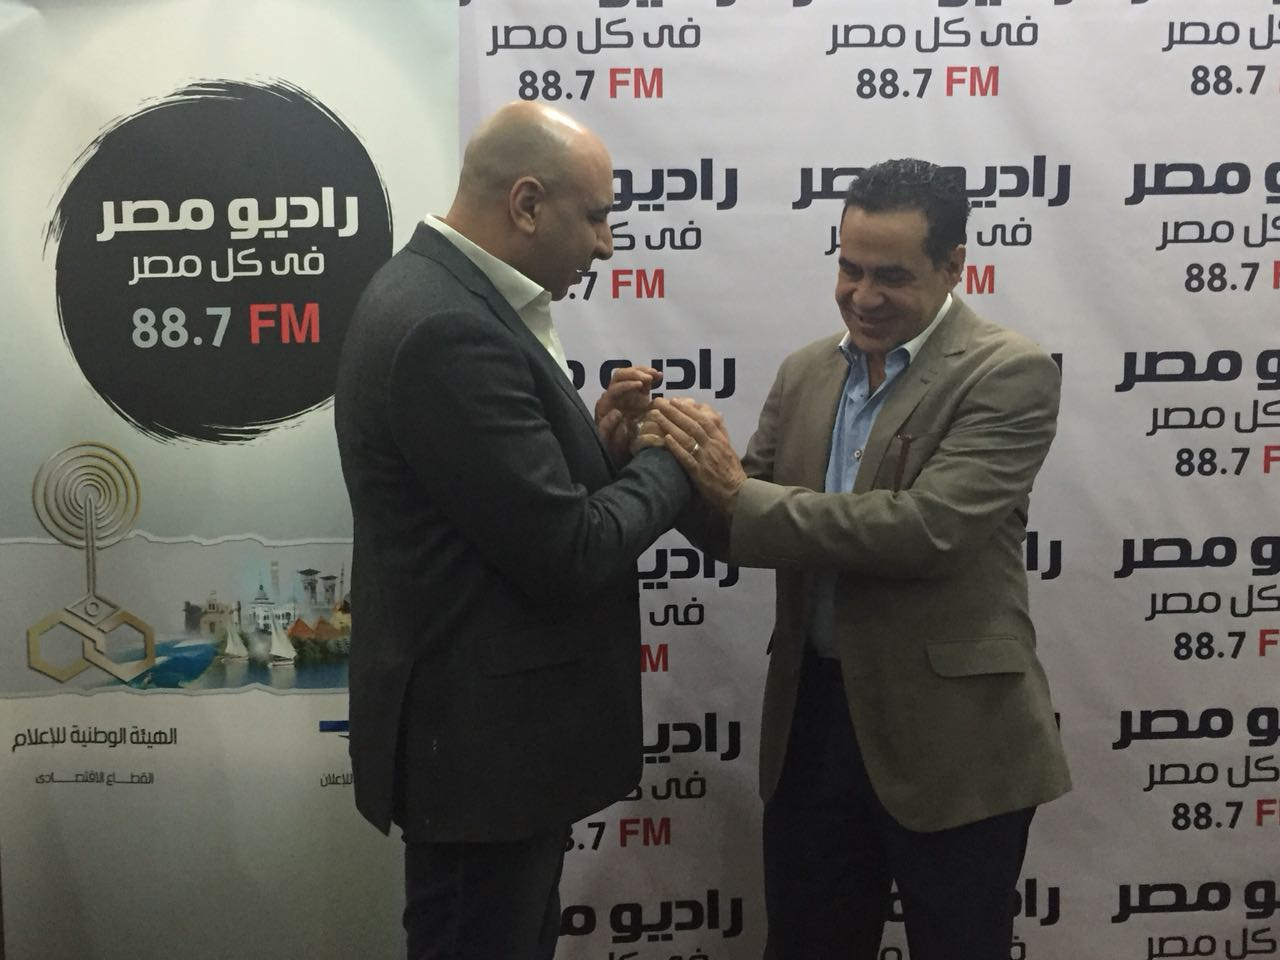 احتفالية راديو مصر (8)